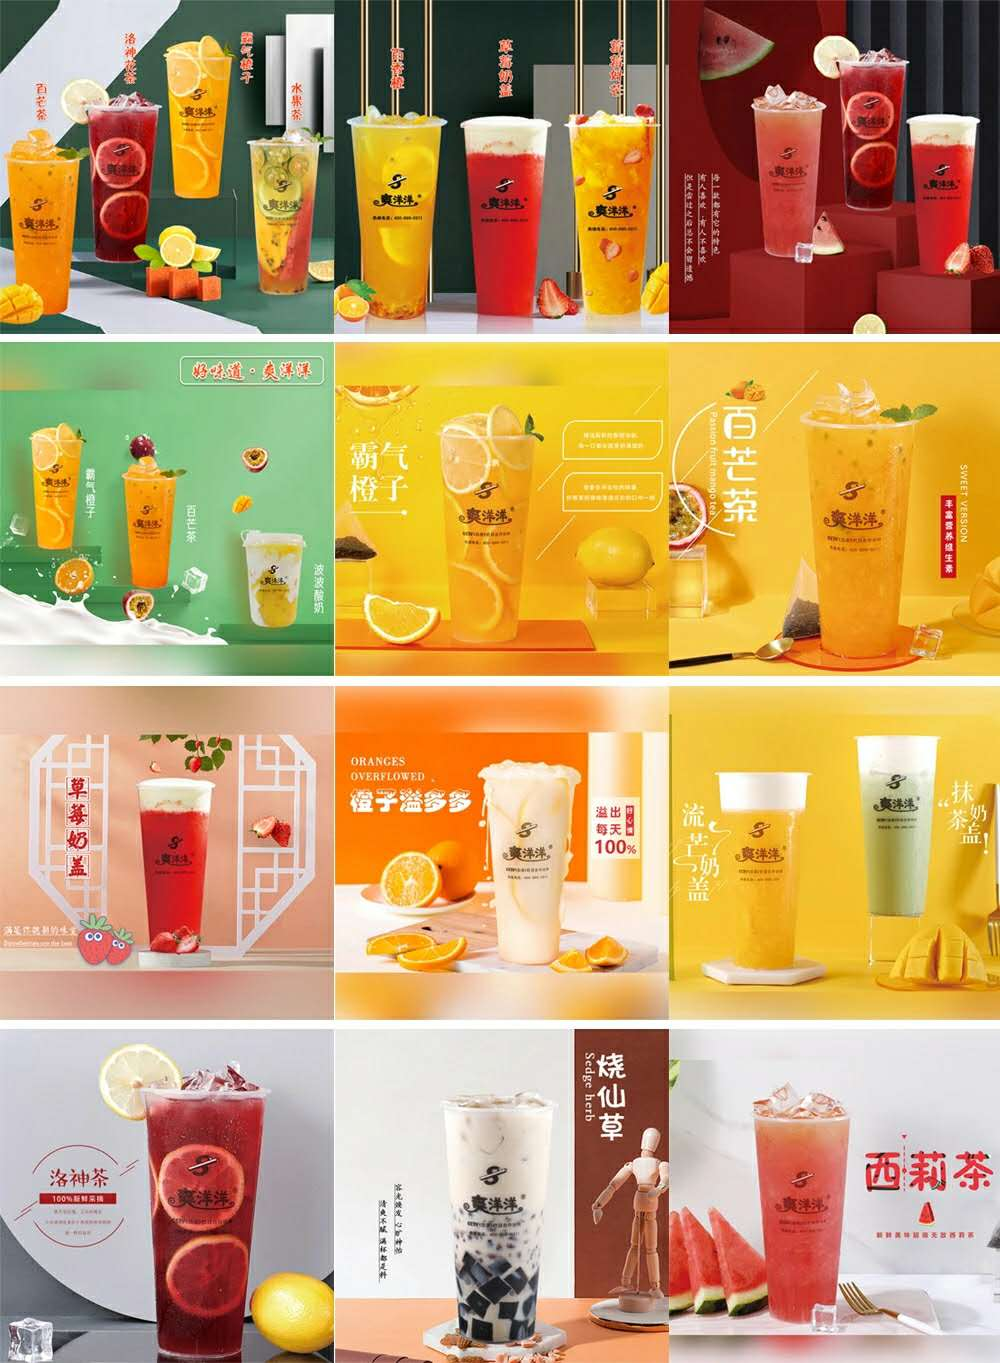 开奶茶店需要的设备及价格分享